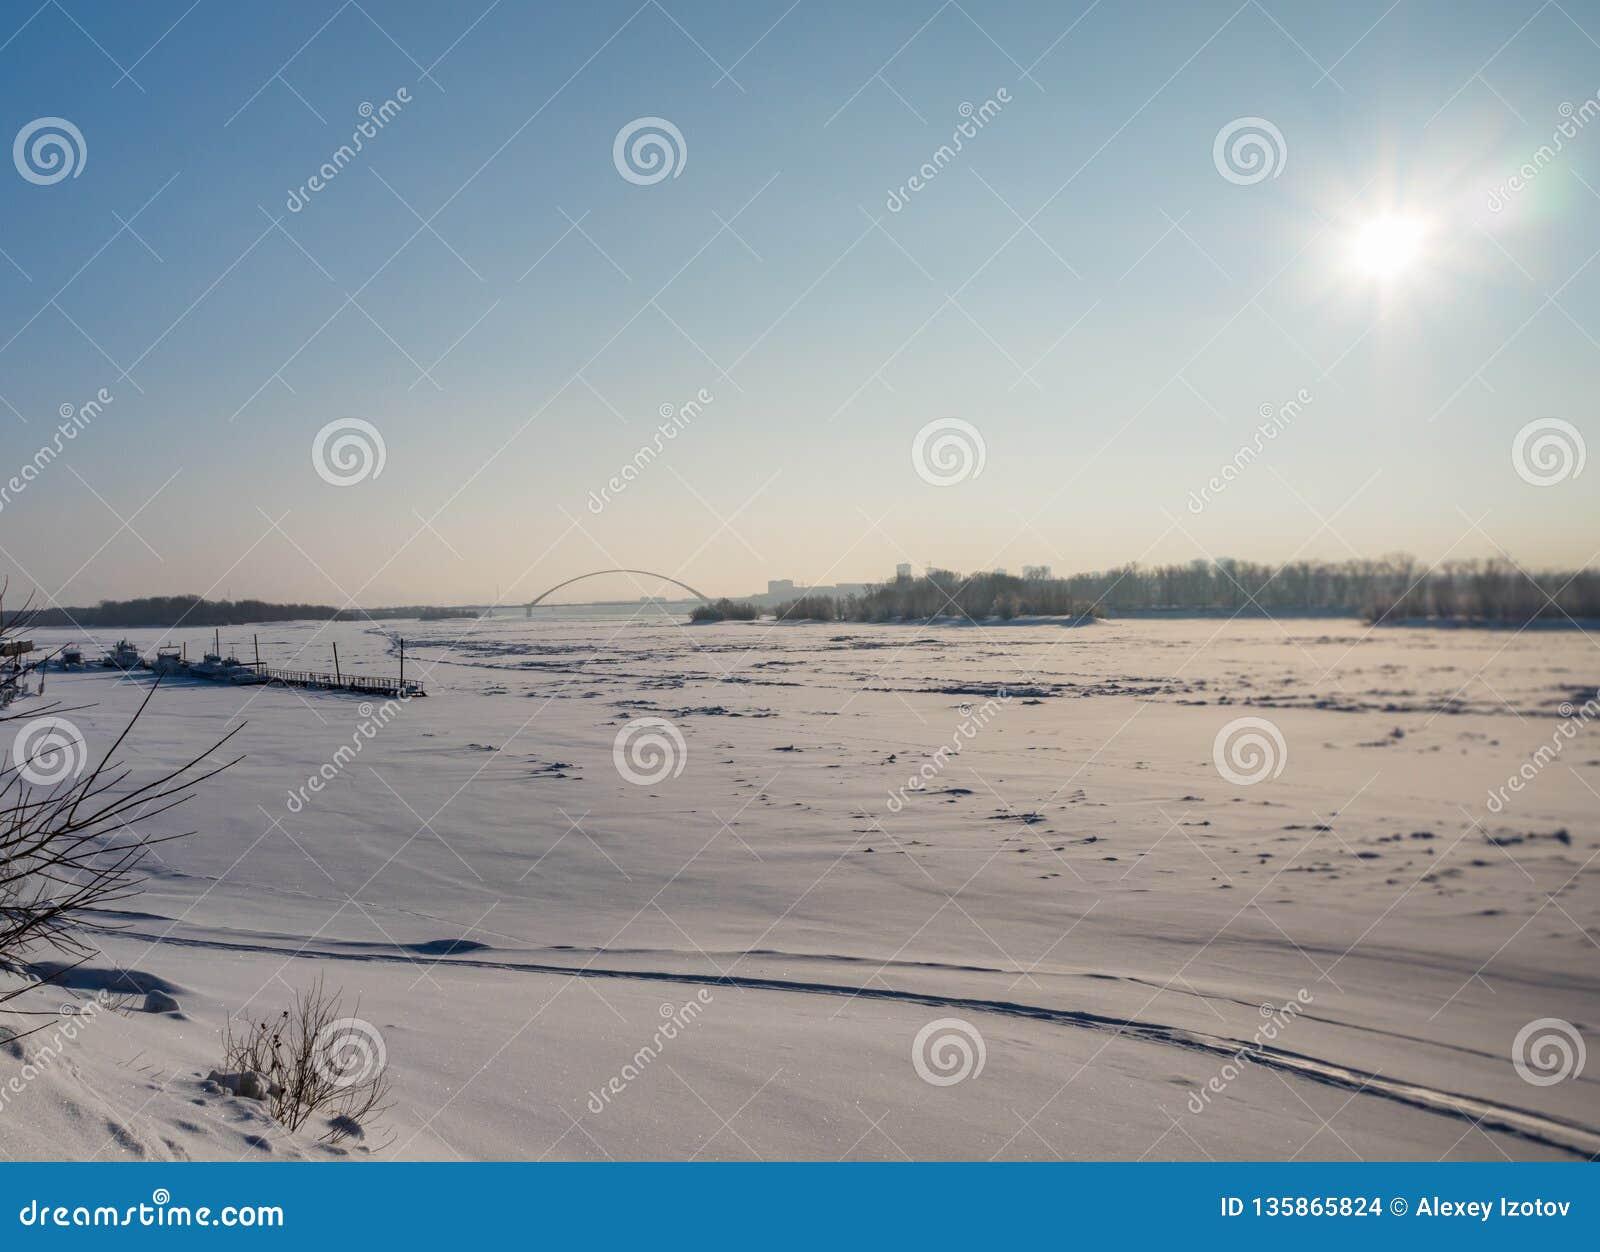 Χειμερινή άποψη του ποταμού Ob και της γέφυρας Bugrinsky στο Novosibirsk, Ρωσία